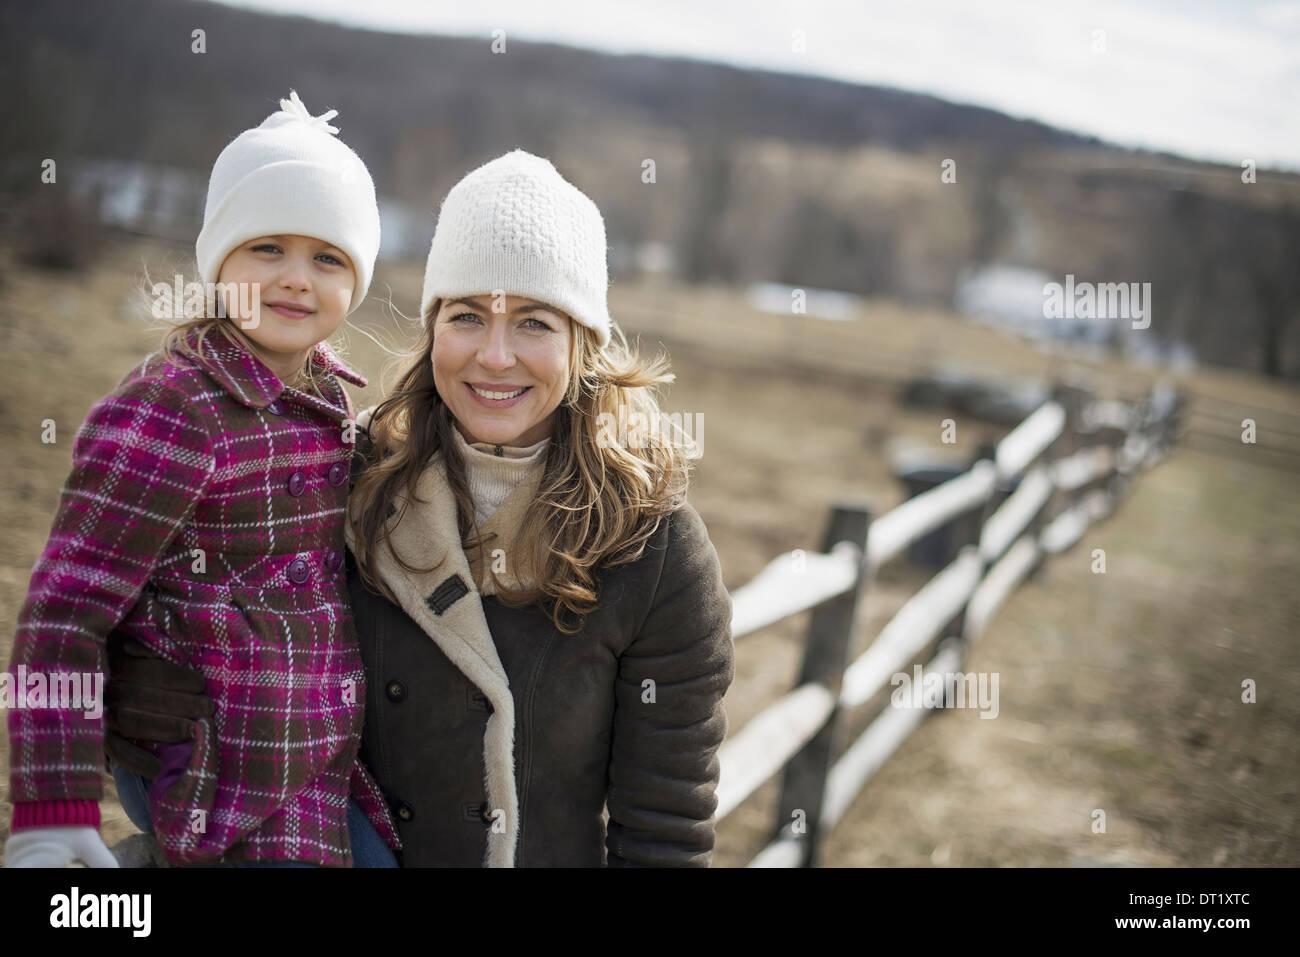 Une femme et enfant de marcher le long d'un chemin la main dans la main Photo Stock